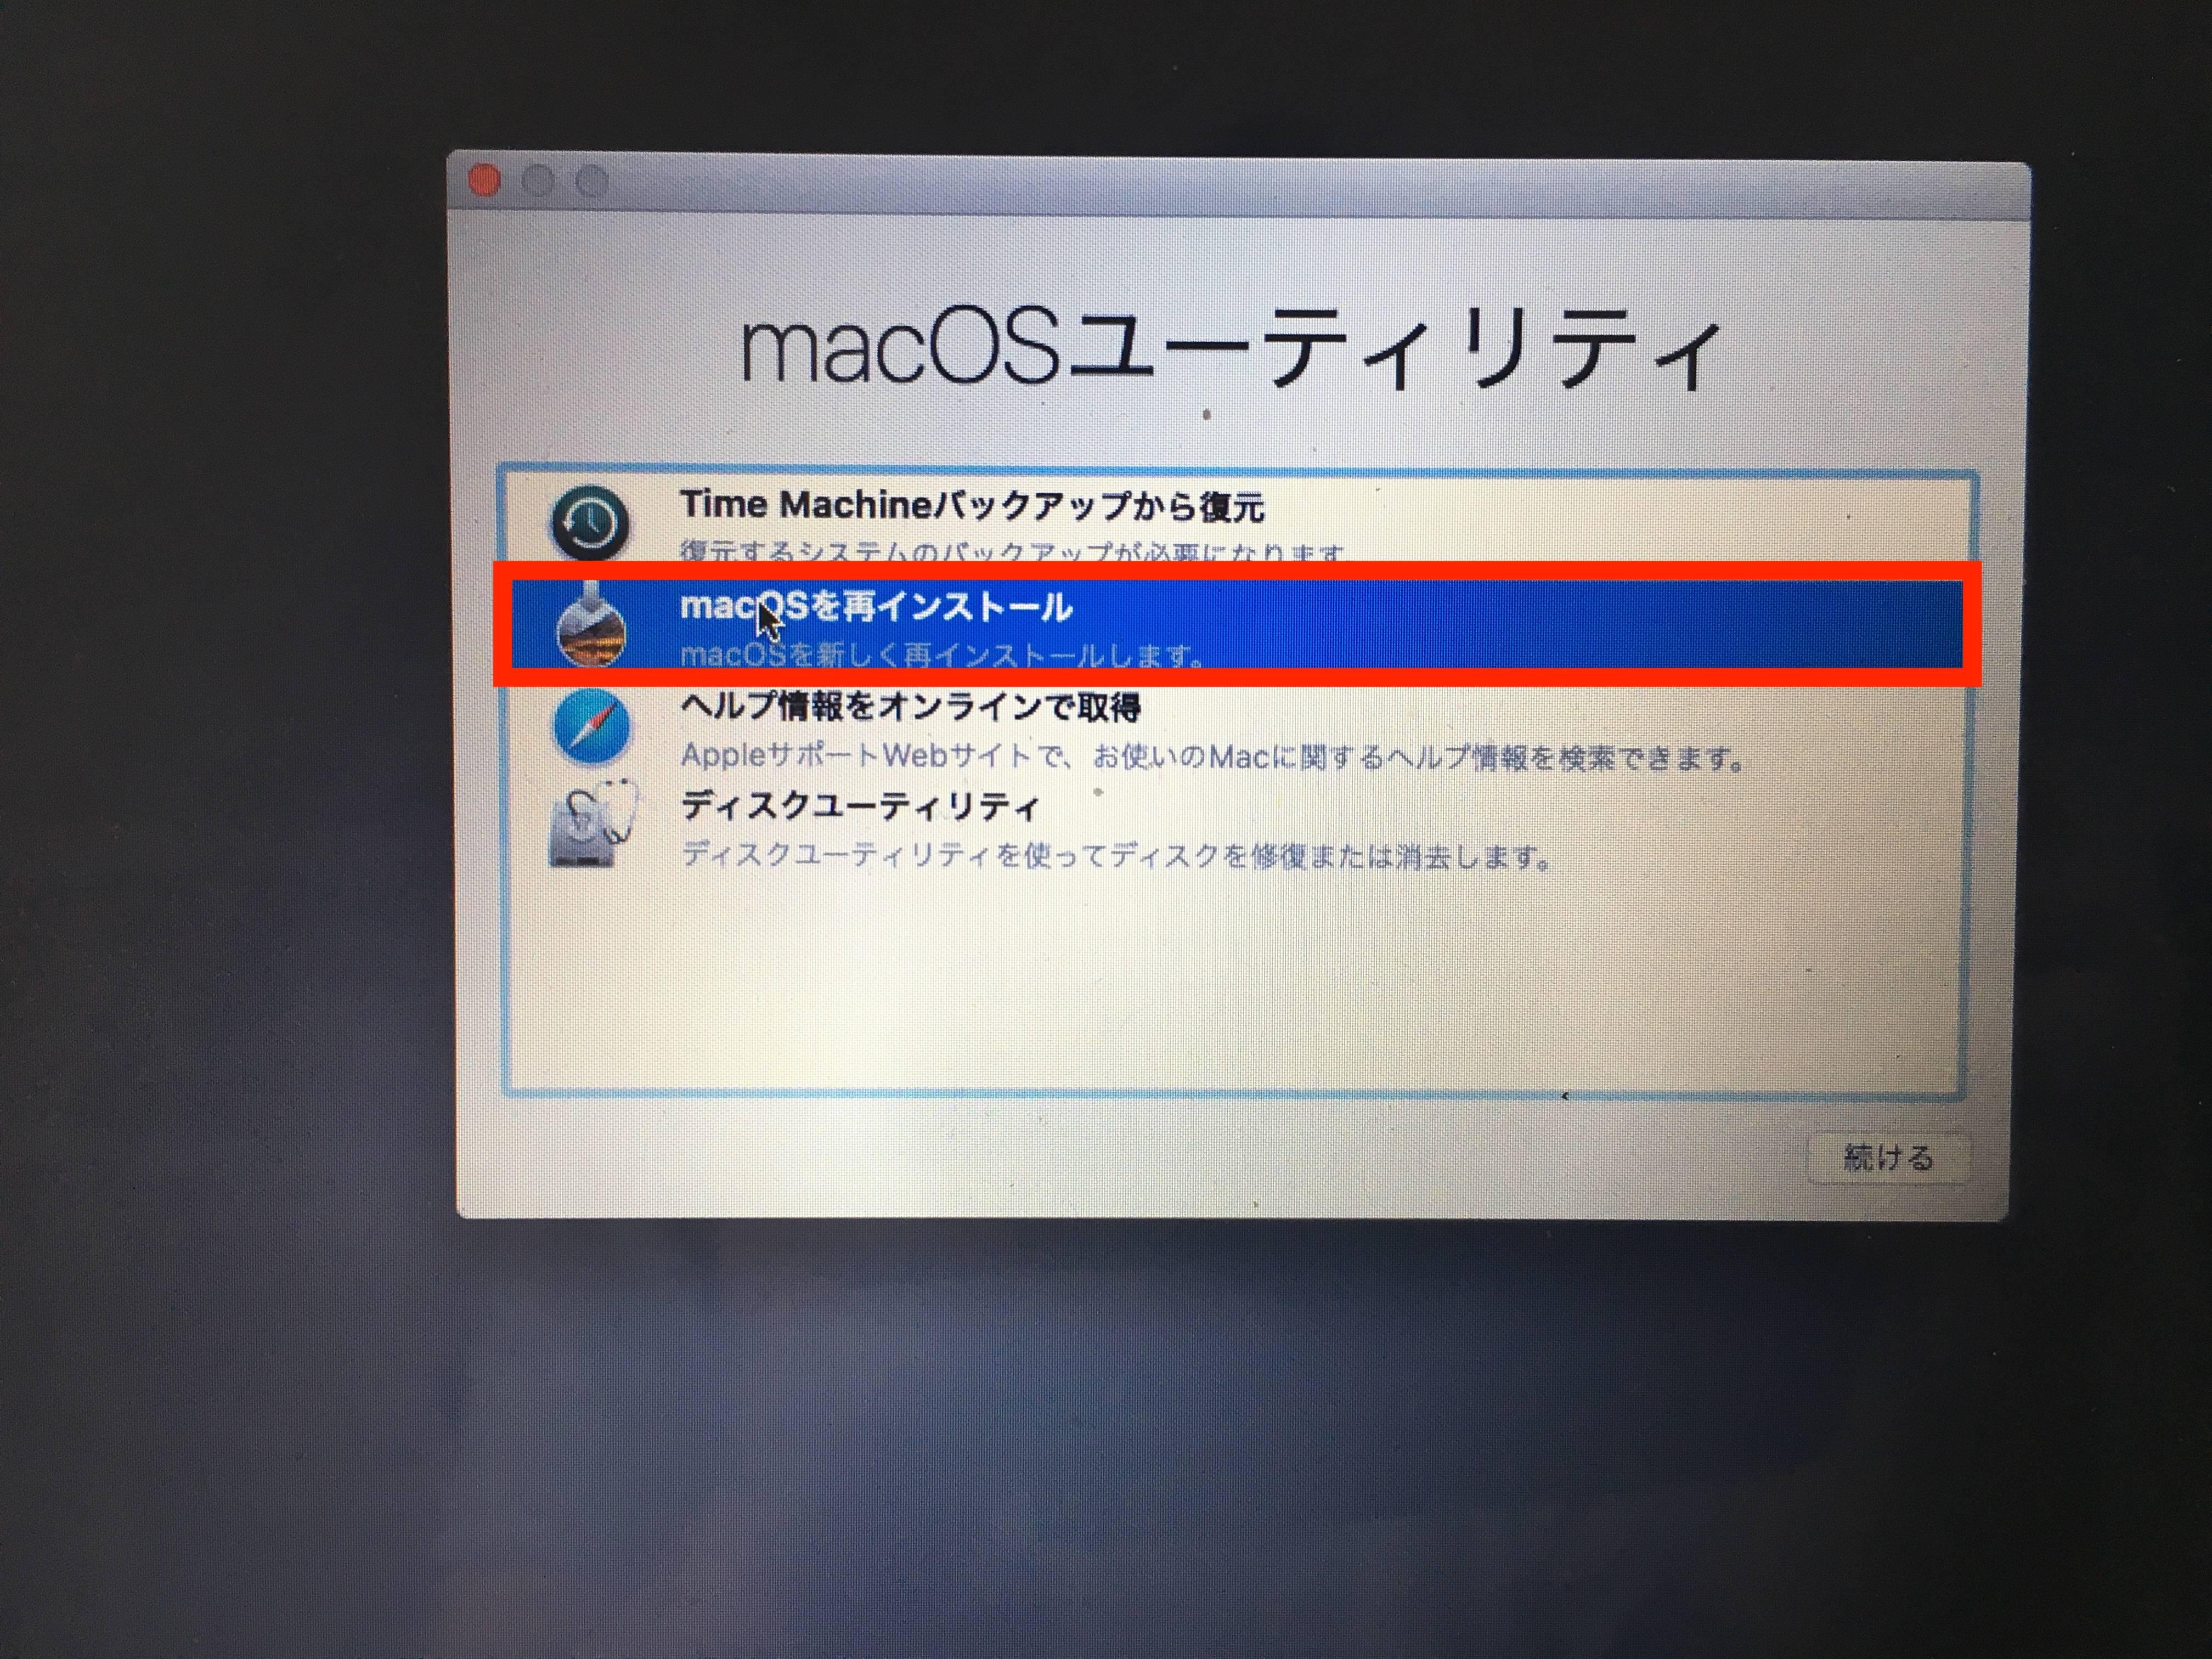 ユーティリティ macos macOS